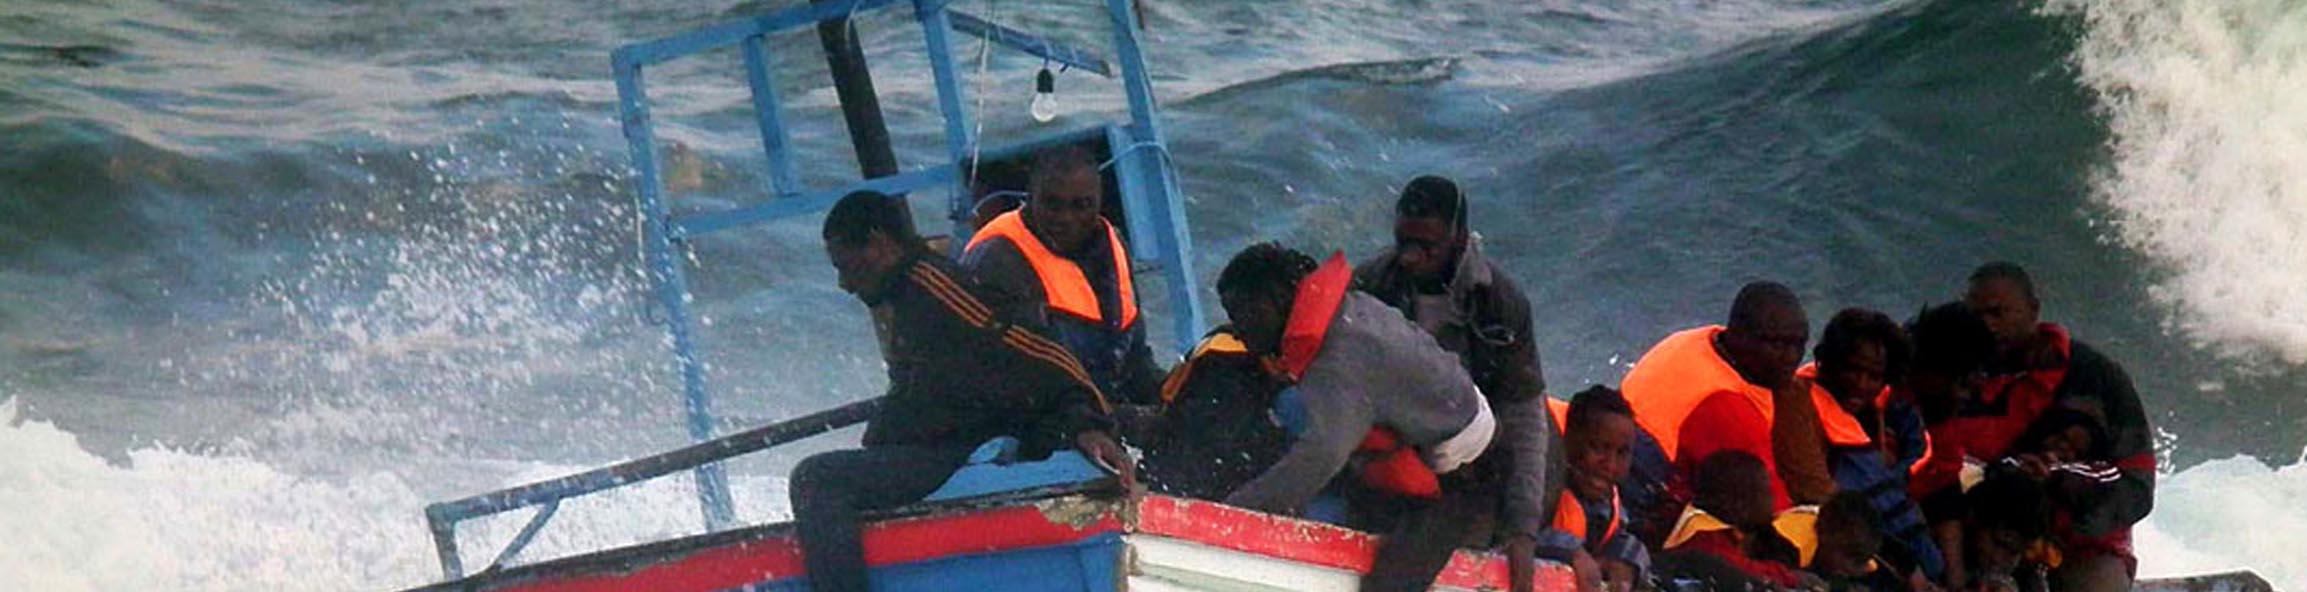 APTOPIX Italy Migrants